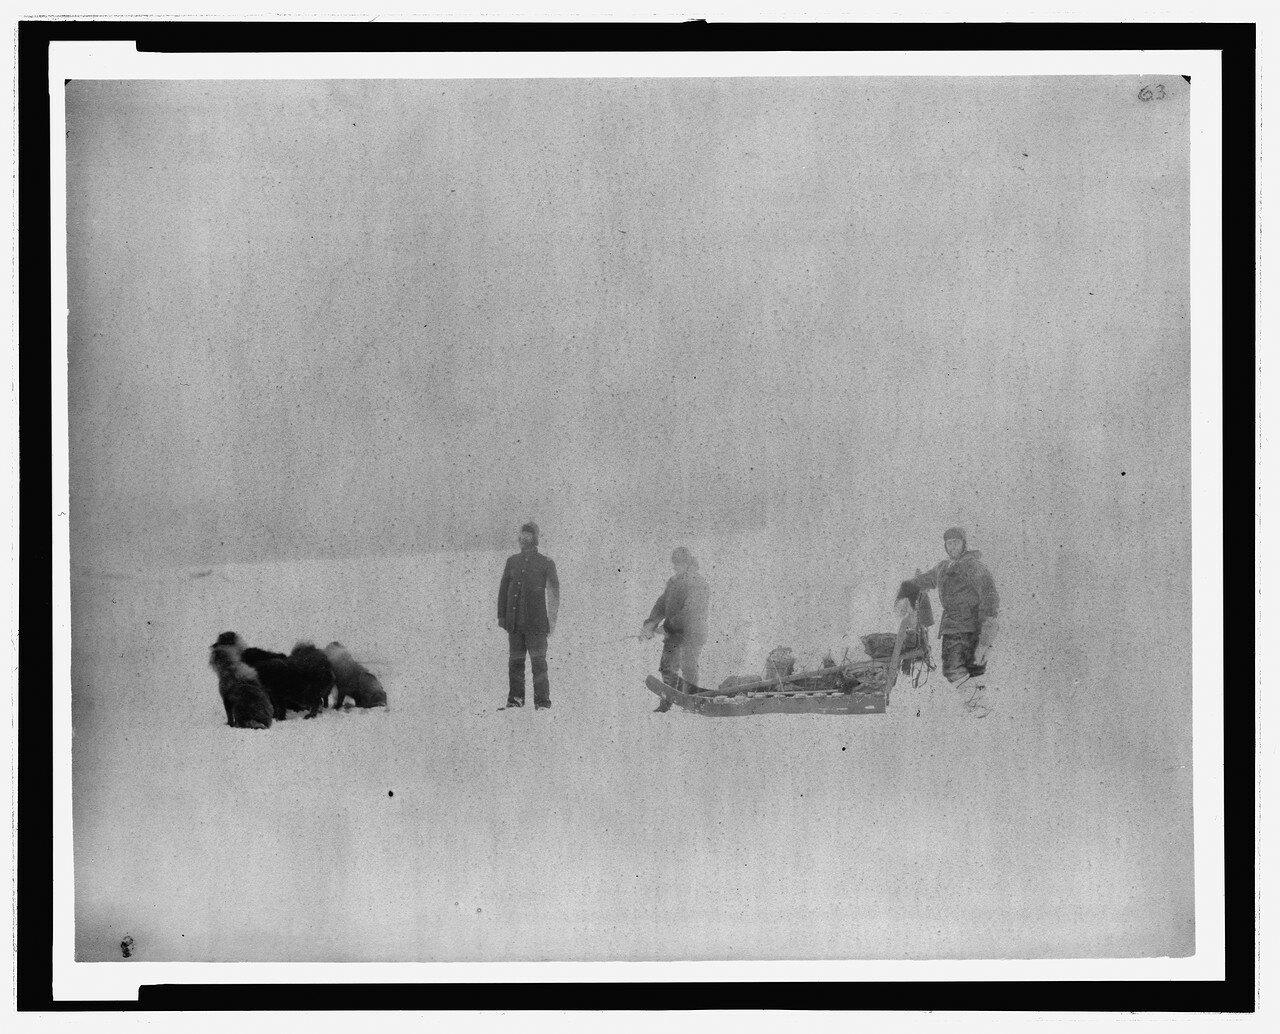 3c36188uЧлены экспедиции леди Франклин-бухты сержант. Jewell и Eskimo Christansen, начиная с Ft. Конгер для поддержки доктора Октава Пави, март 1882 года.jpg